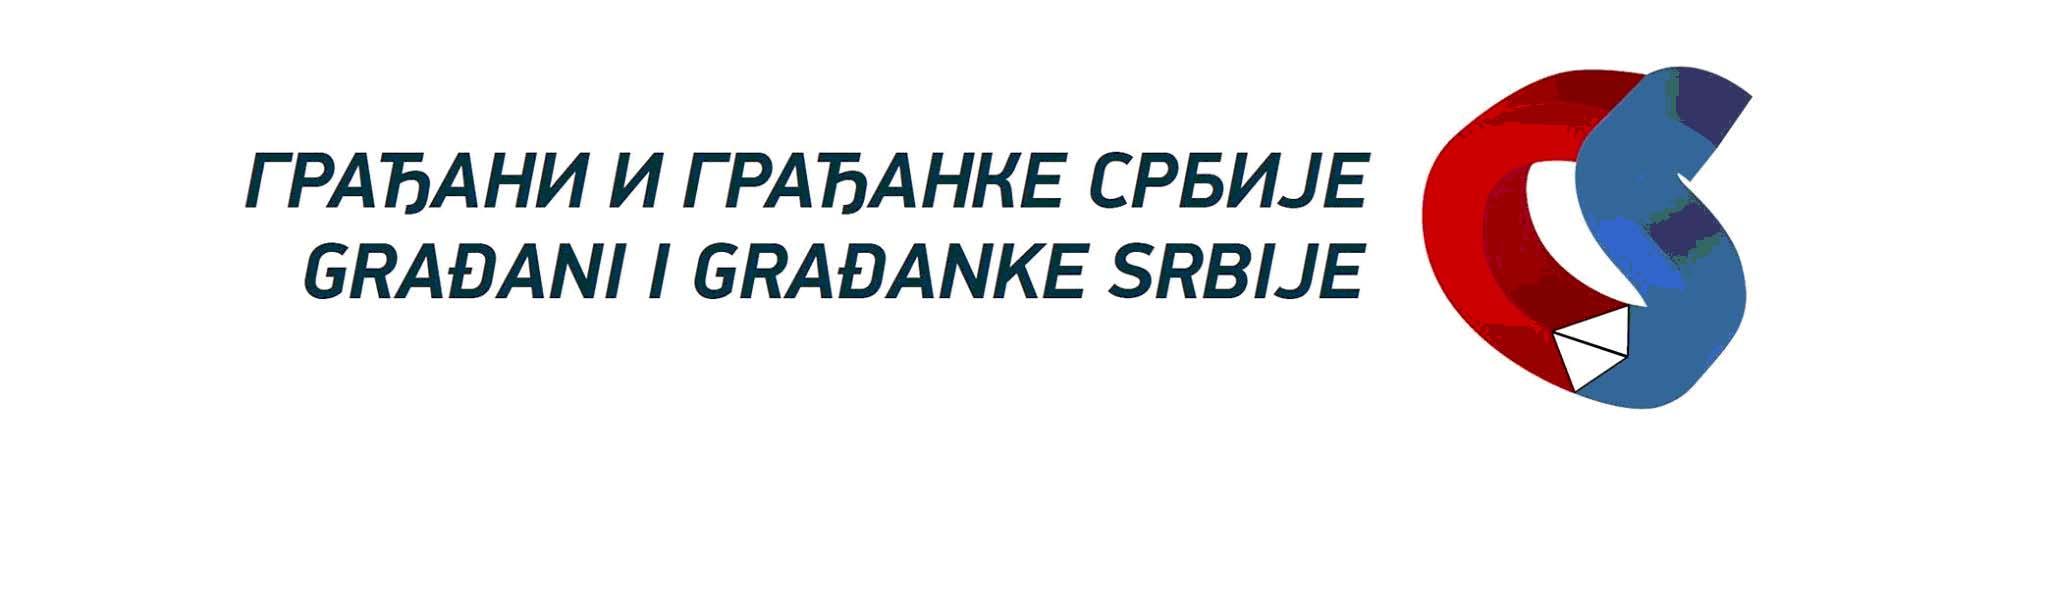 http://www.super-info.rs/informacije/koalicija_gradjanke_i_gradjani_srbije.jpg